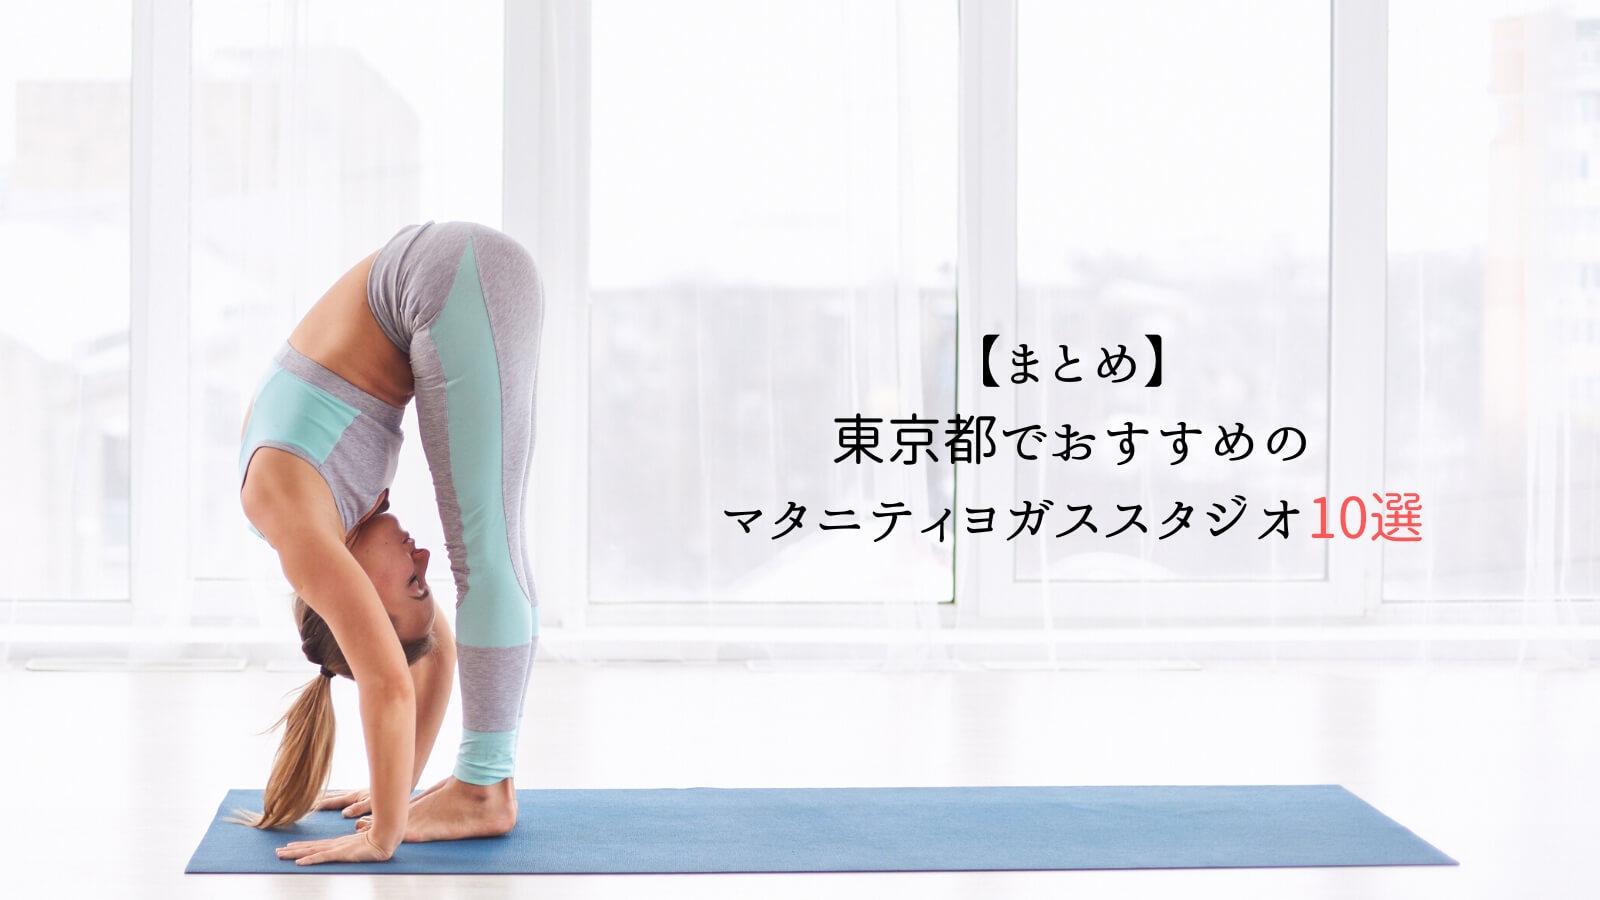 【まとめ】東京でおすすめのマタニティヨガスタジオ10選